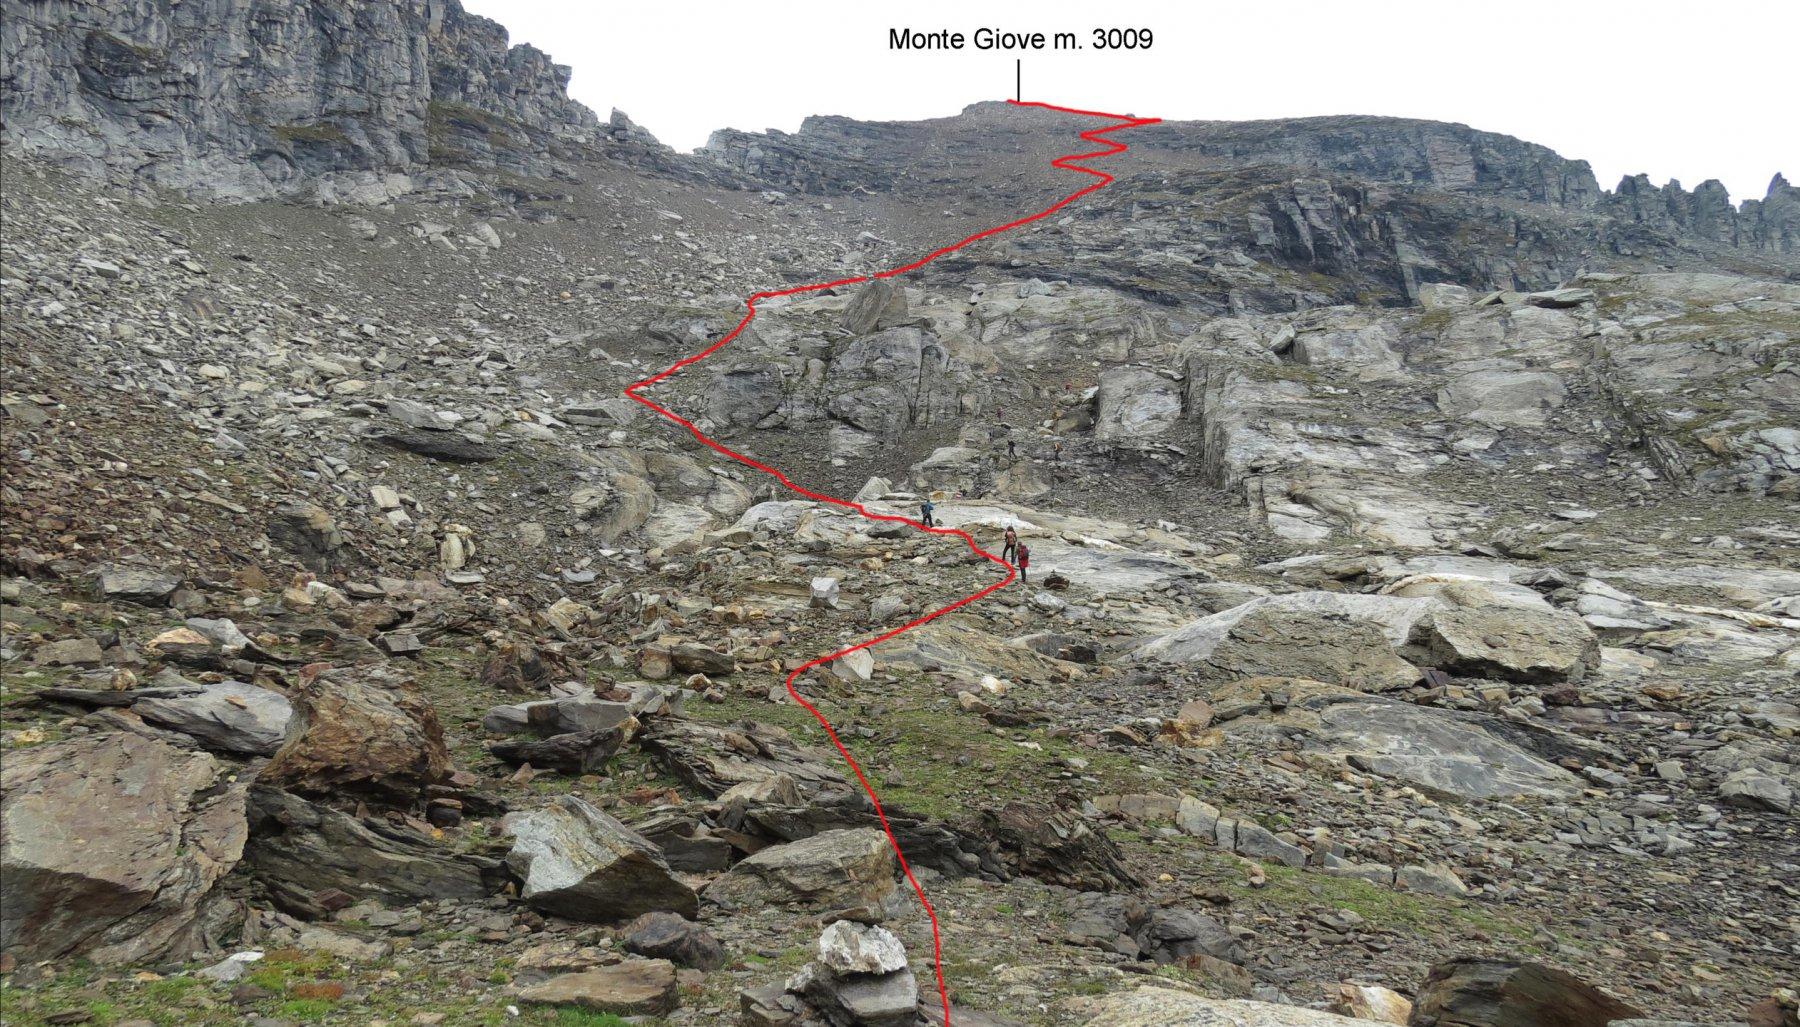 ultima parte dell'itinerario di salita vista dalla conca terminale sotto la pietraia del versante Sud-Ovest del Giove